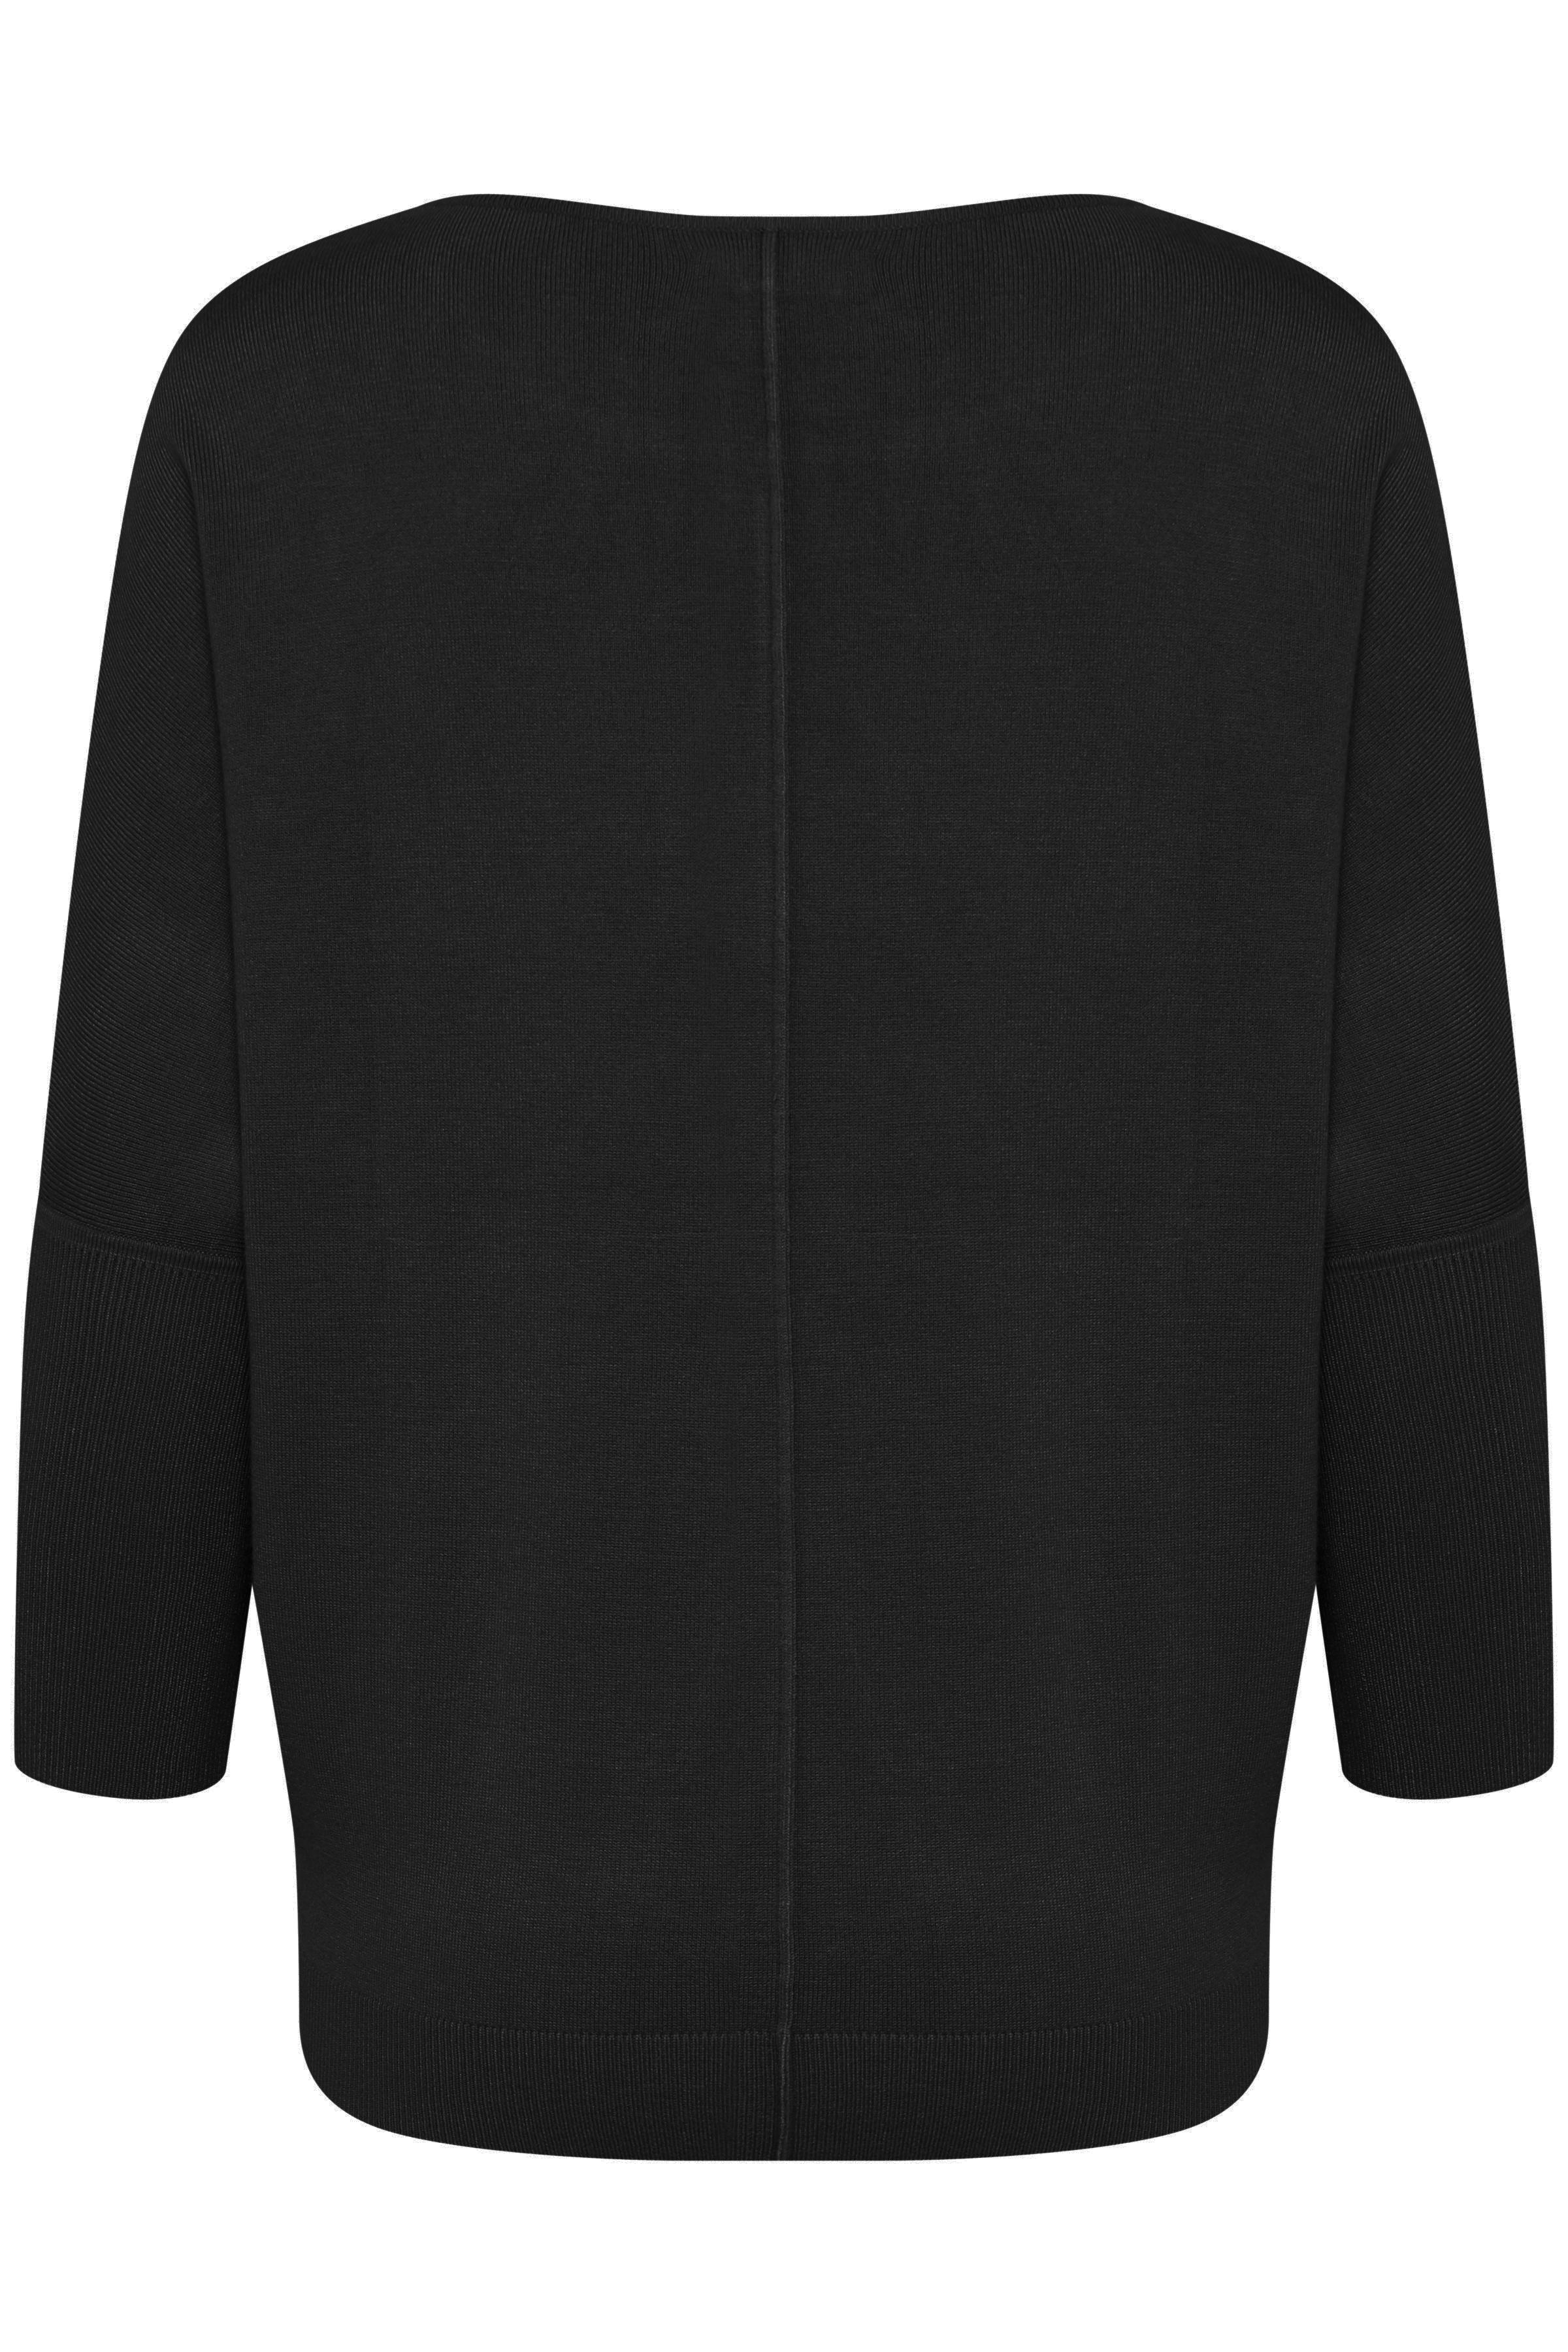 Black Pullover van b.young – Koop Black Pullover hier van size XS-XXL